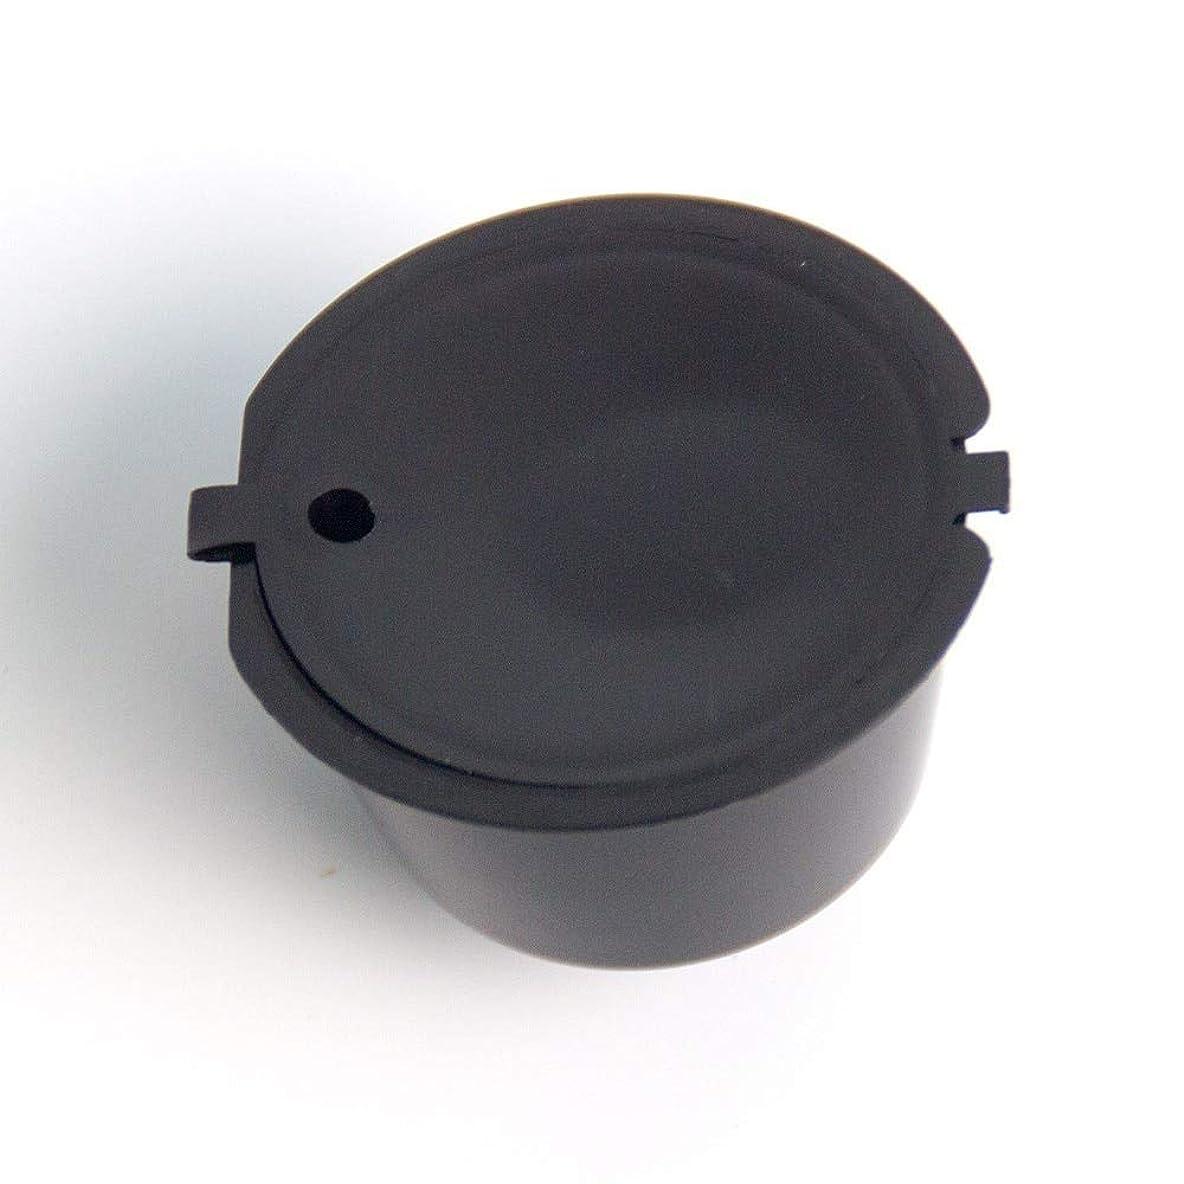 シアー大気寛容Maxcrestas - 1個11色プラスチック詰め替えコーヒーカプセルカップ200タイムズネスカフェドルチェグストフィルターバスケットのカプセルのための再利用可能な互換性